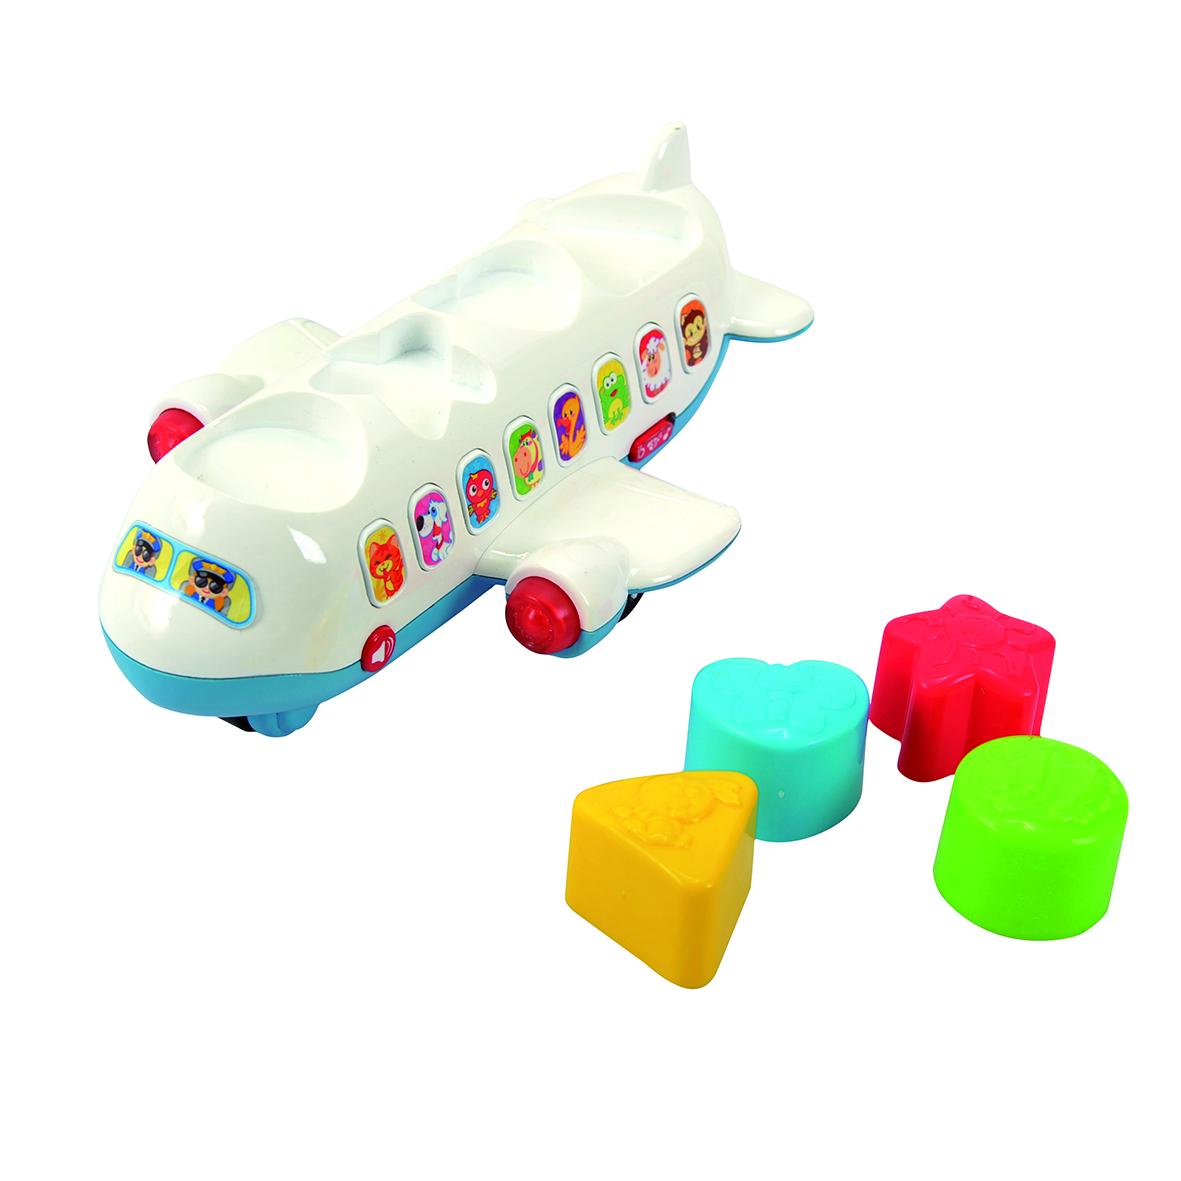 Playgo Развивающая игрушка Самолет-сортерPlay 2104Яркая развивающая игрушка в виде самолёта-сортера с разноцветными фигруками. Со световыми и звуковыми эффектами